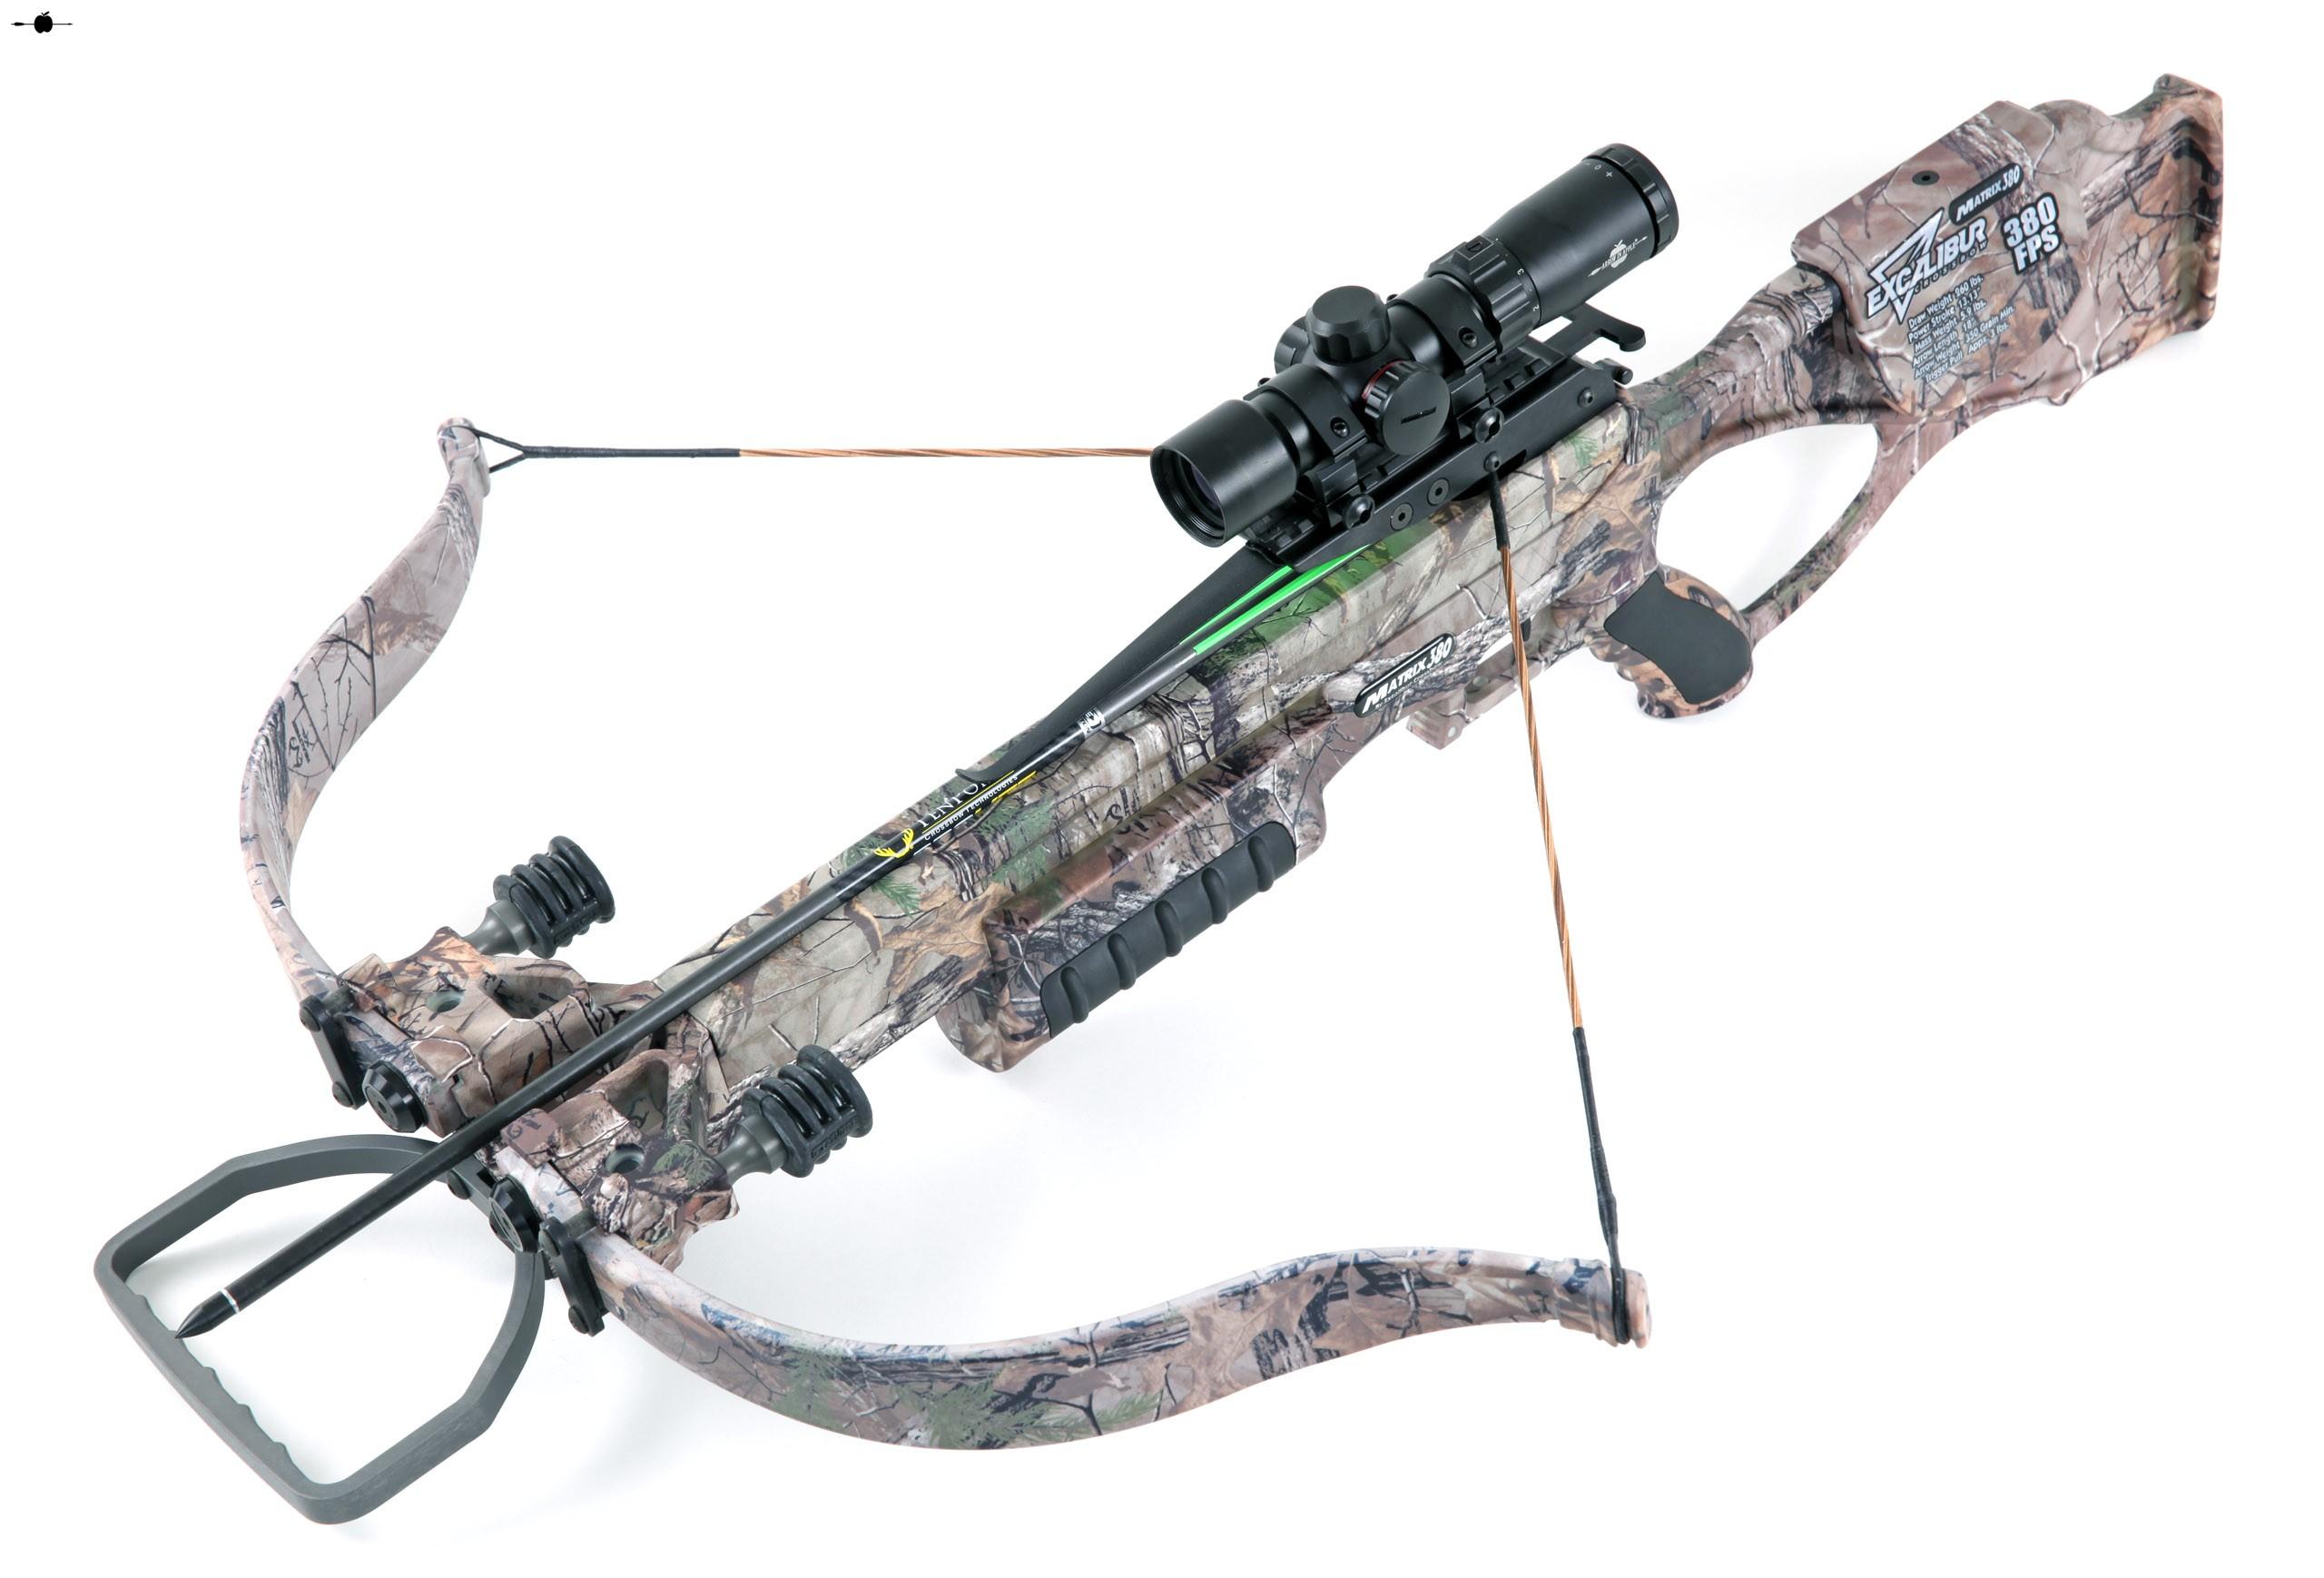 Excalibur Crossbows - Brown's Archery Shop